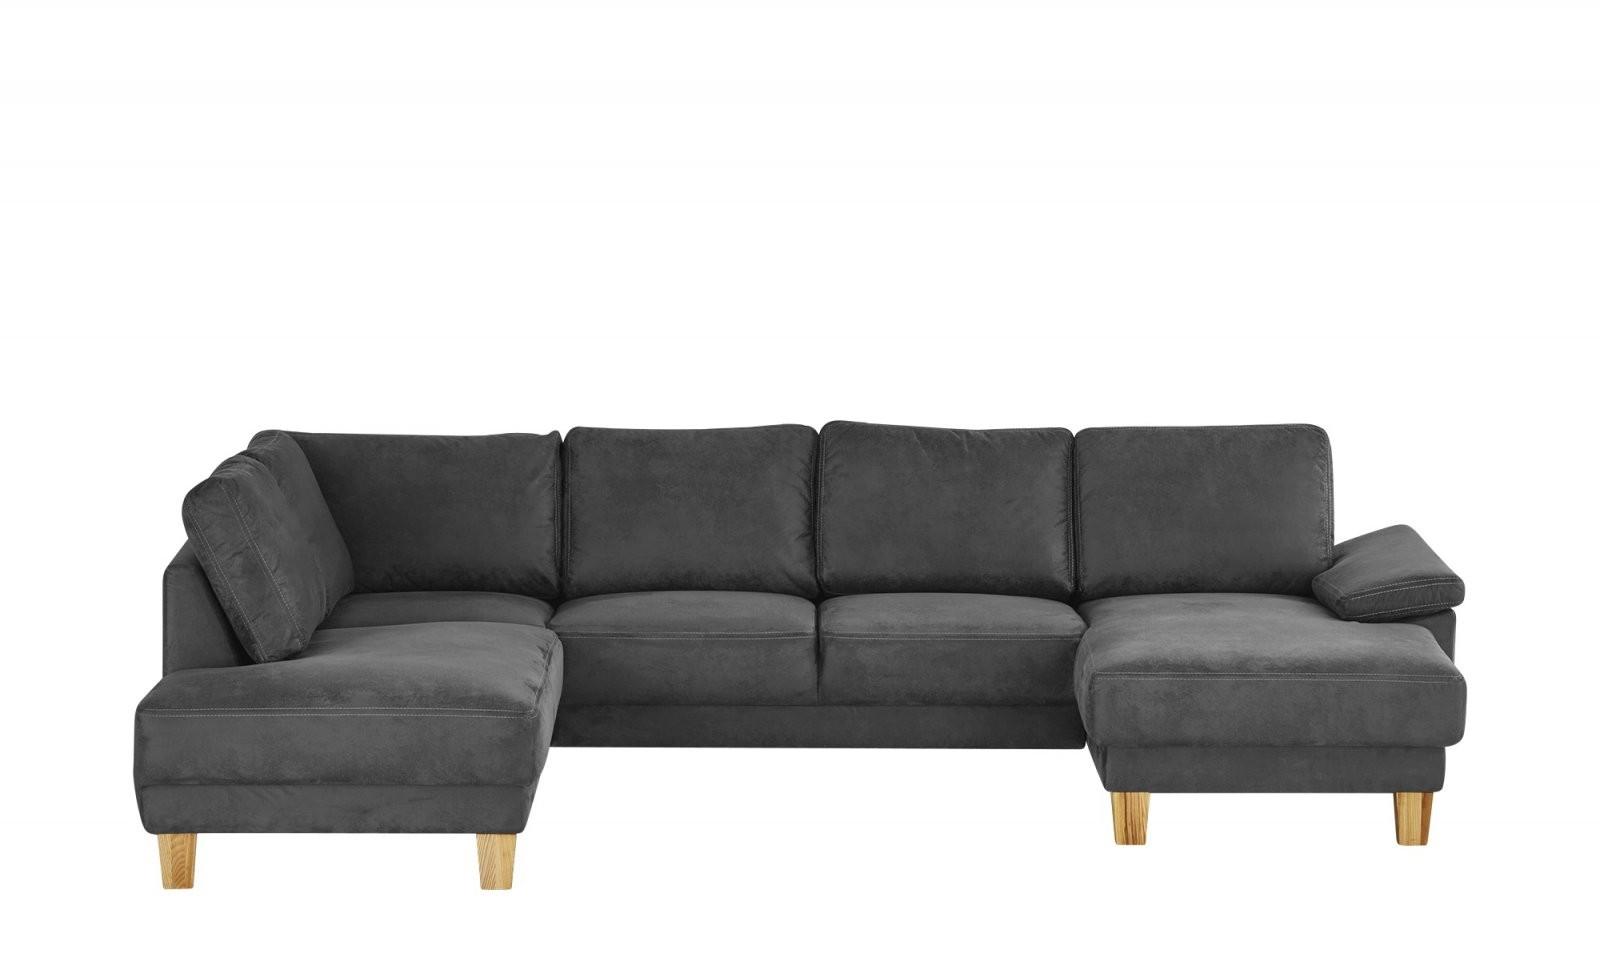 Günstige Couch Online Bestellen  Sofa Mit Schlaffunktion Federkern von Couch Mit Bettfunktion Günstig Bild